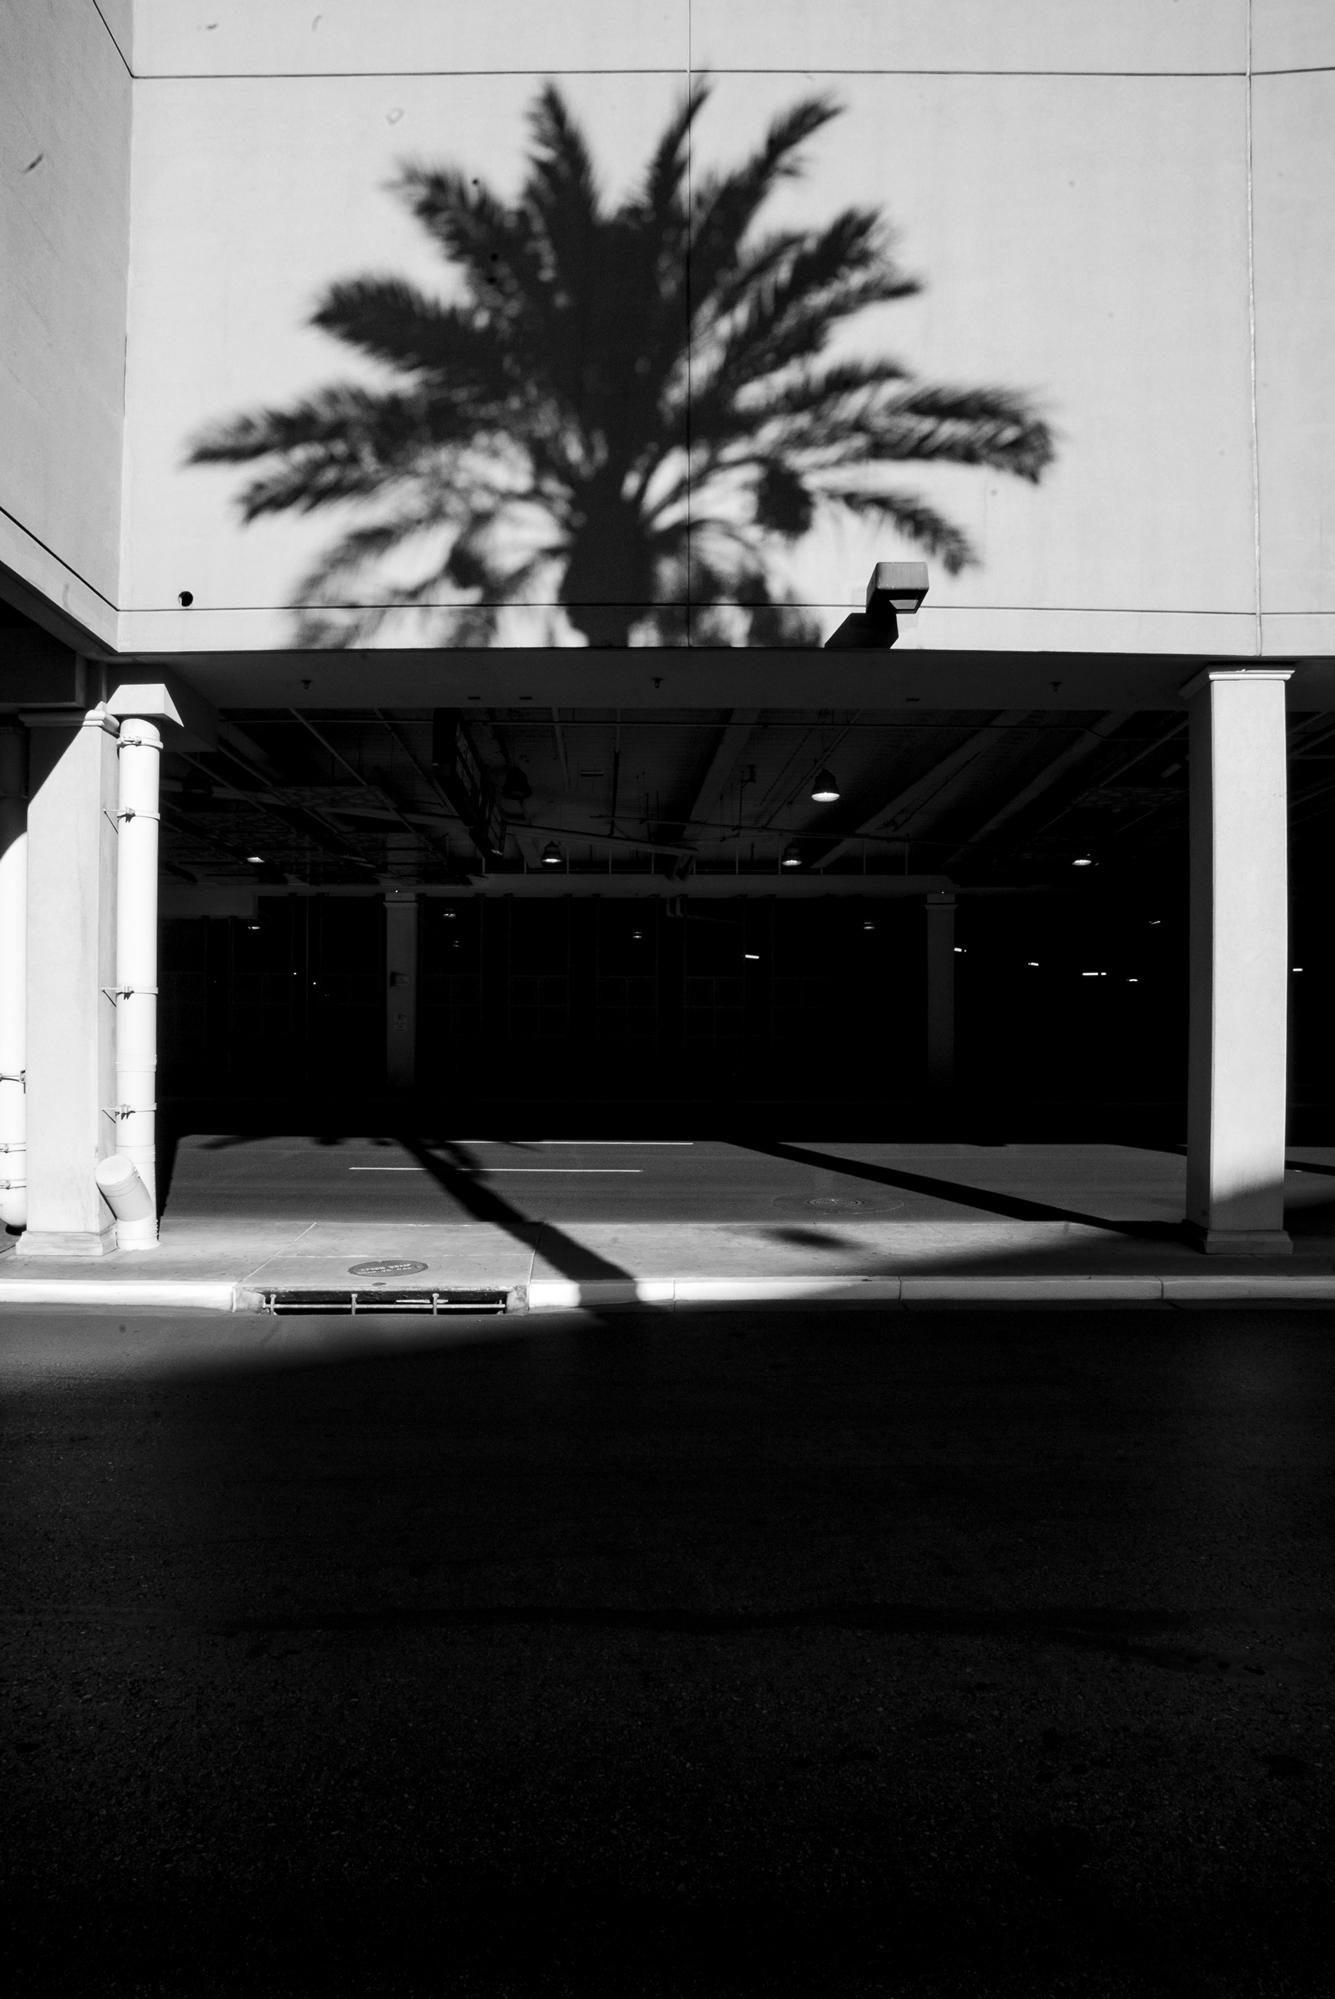 Las Vegas, Fall 2018